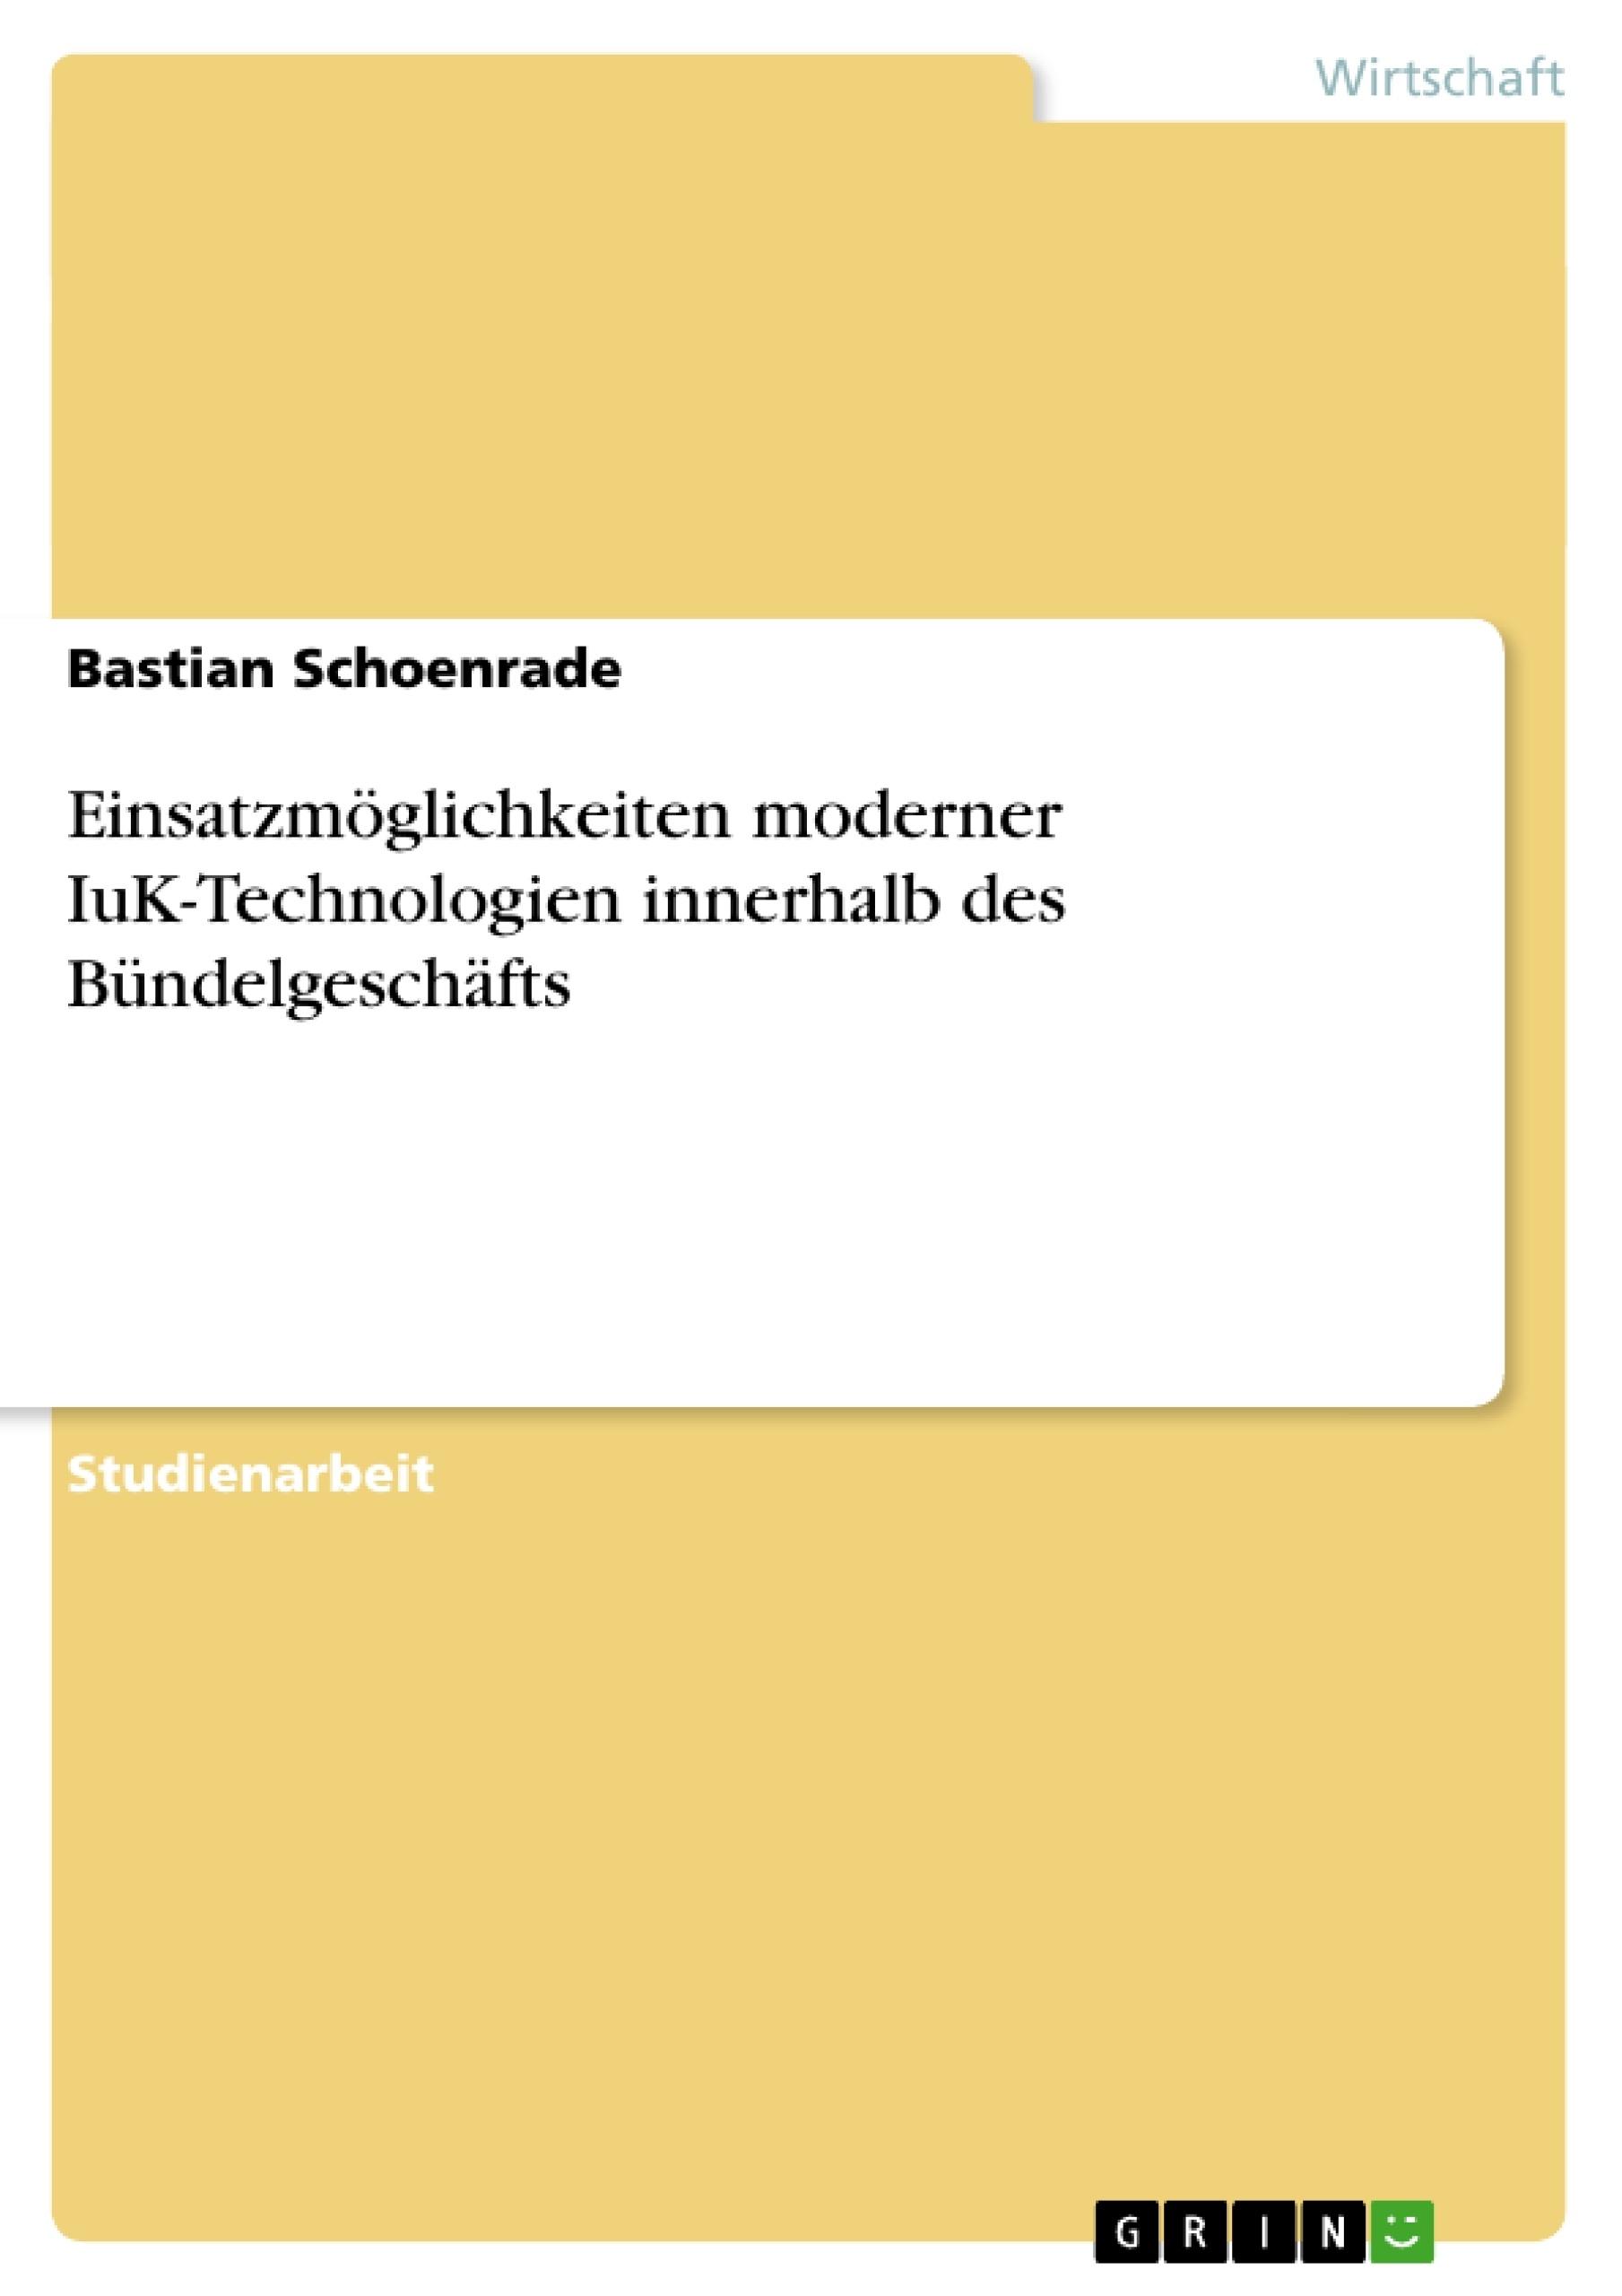 Titel: Einsatzmöglichkeiten moderner IuK-Technologien innerhalb des Bündelgeschäfts